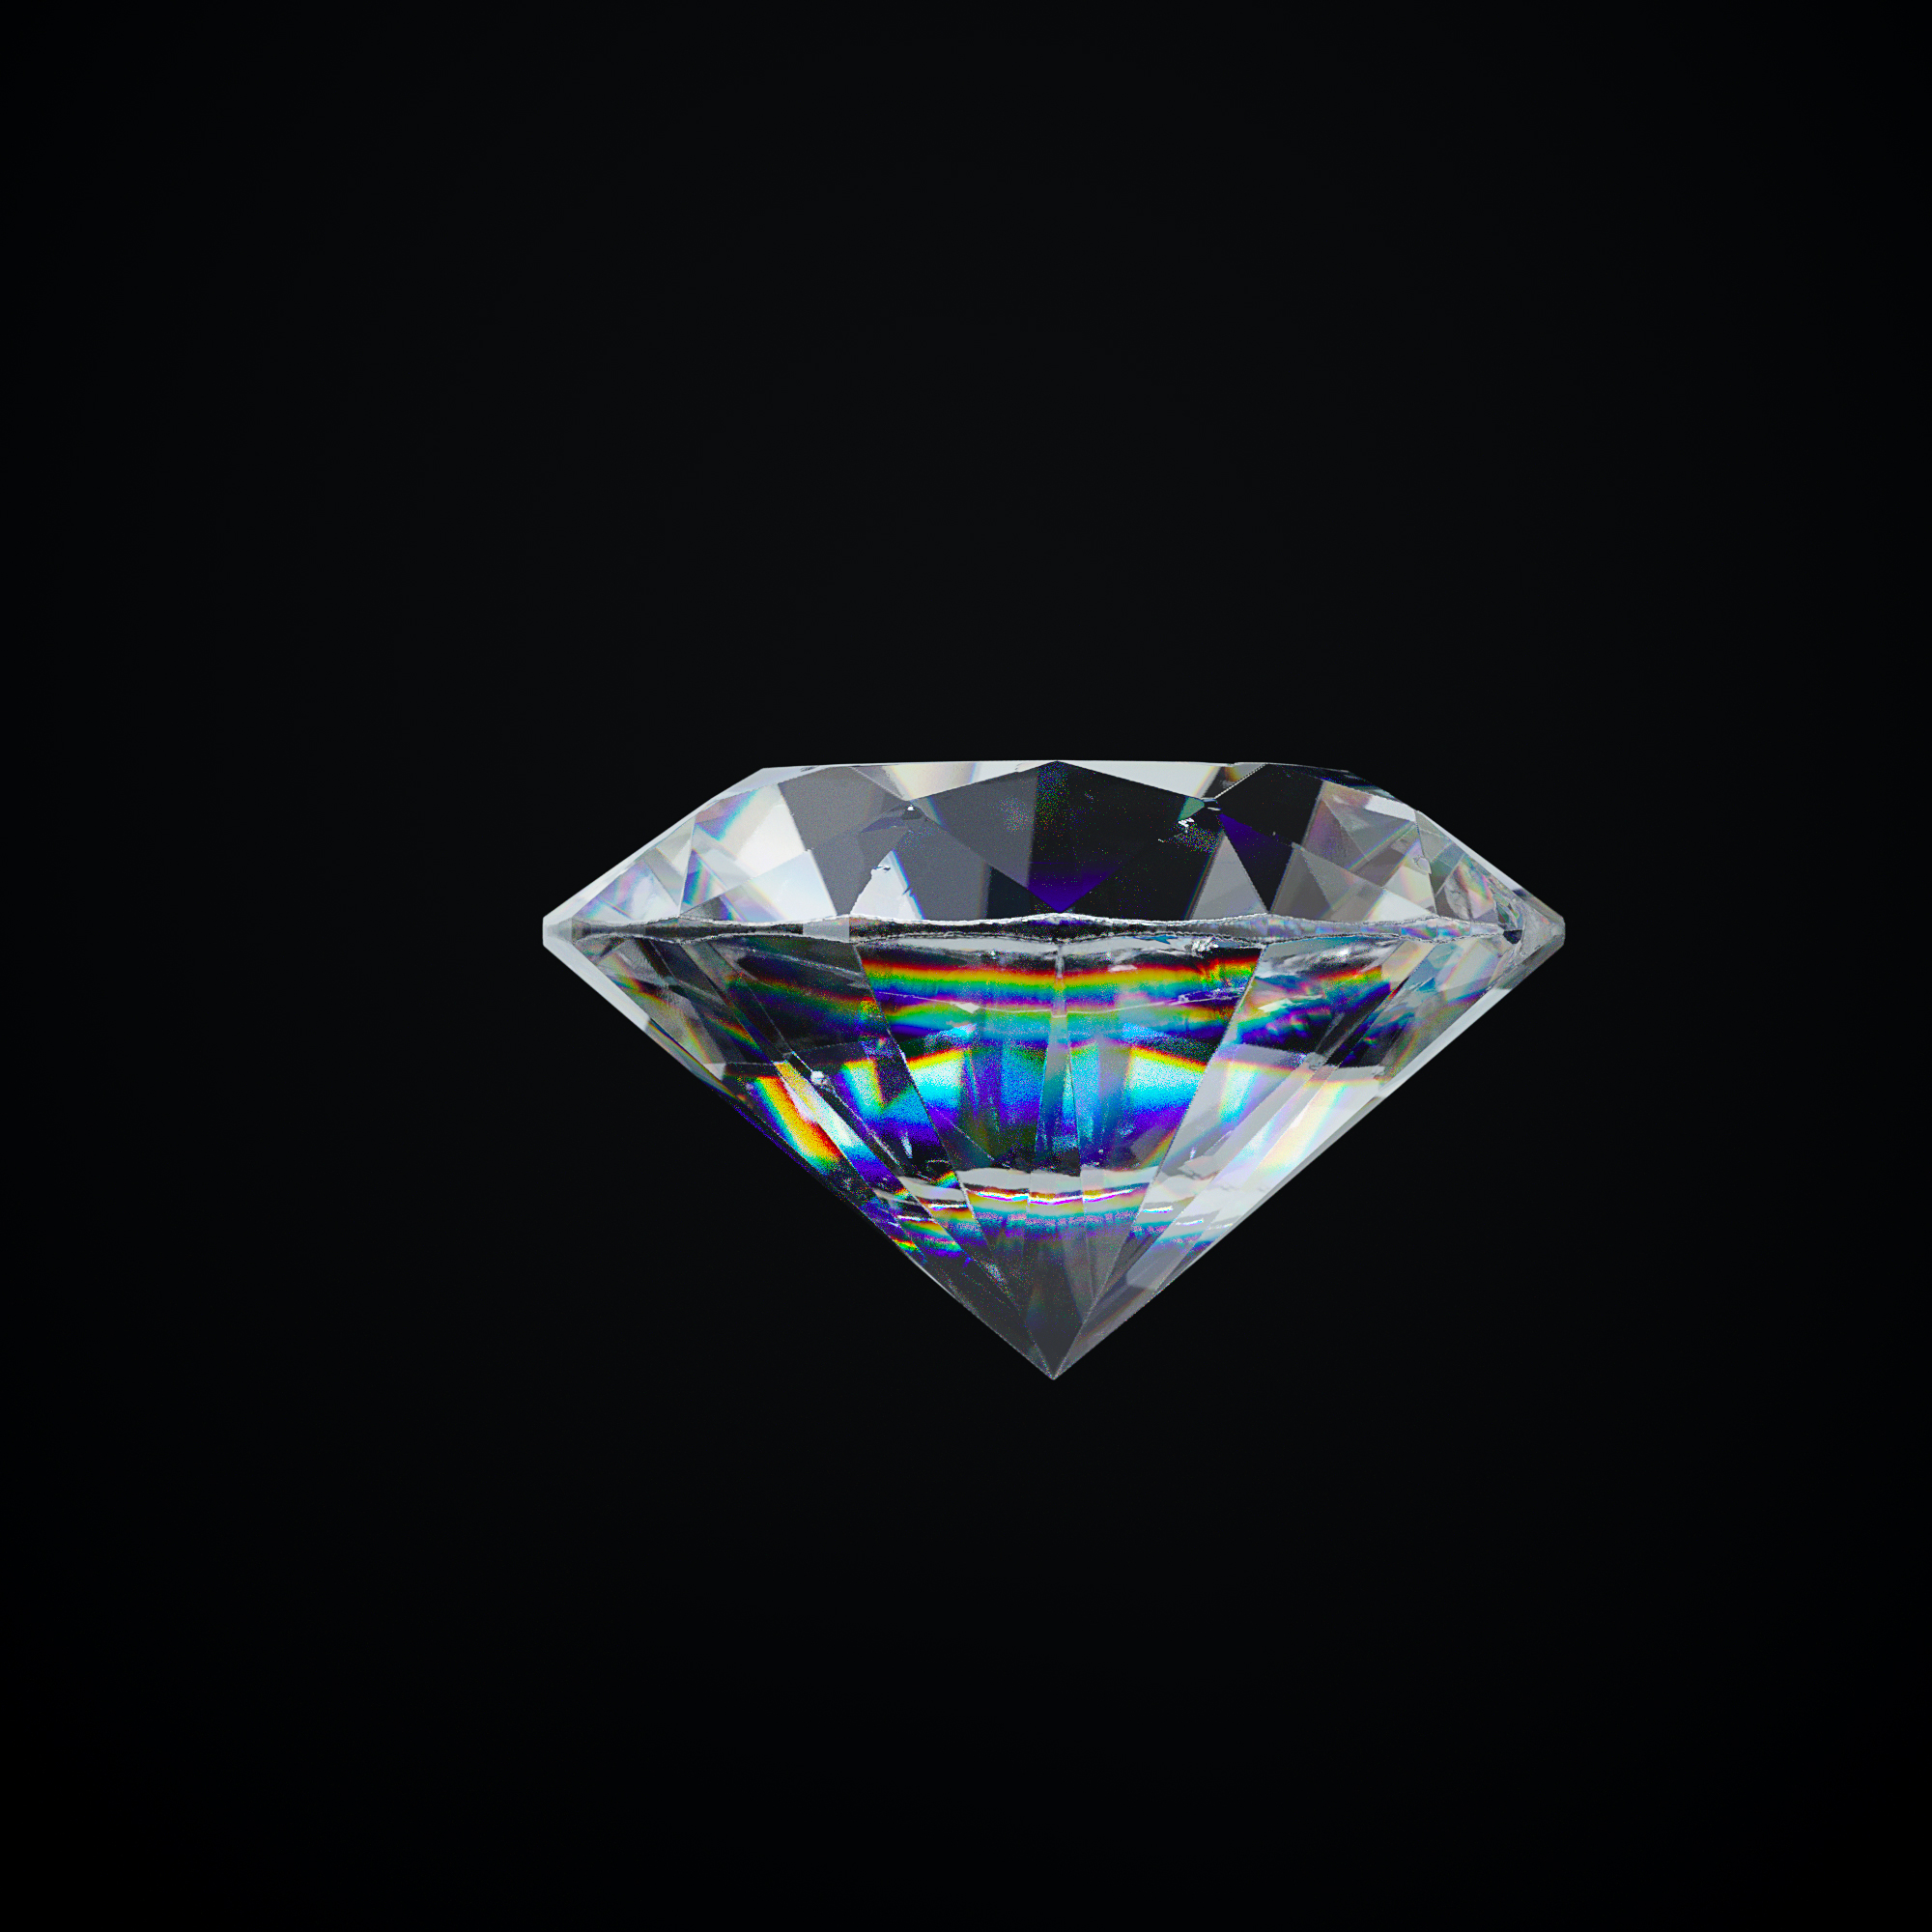 Diamond_Rotated.jpg